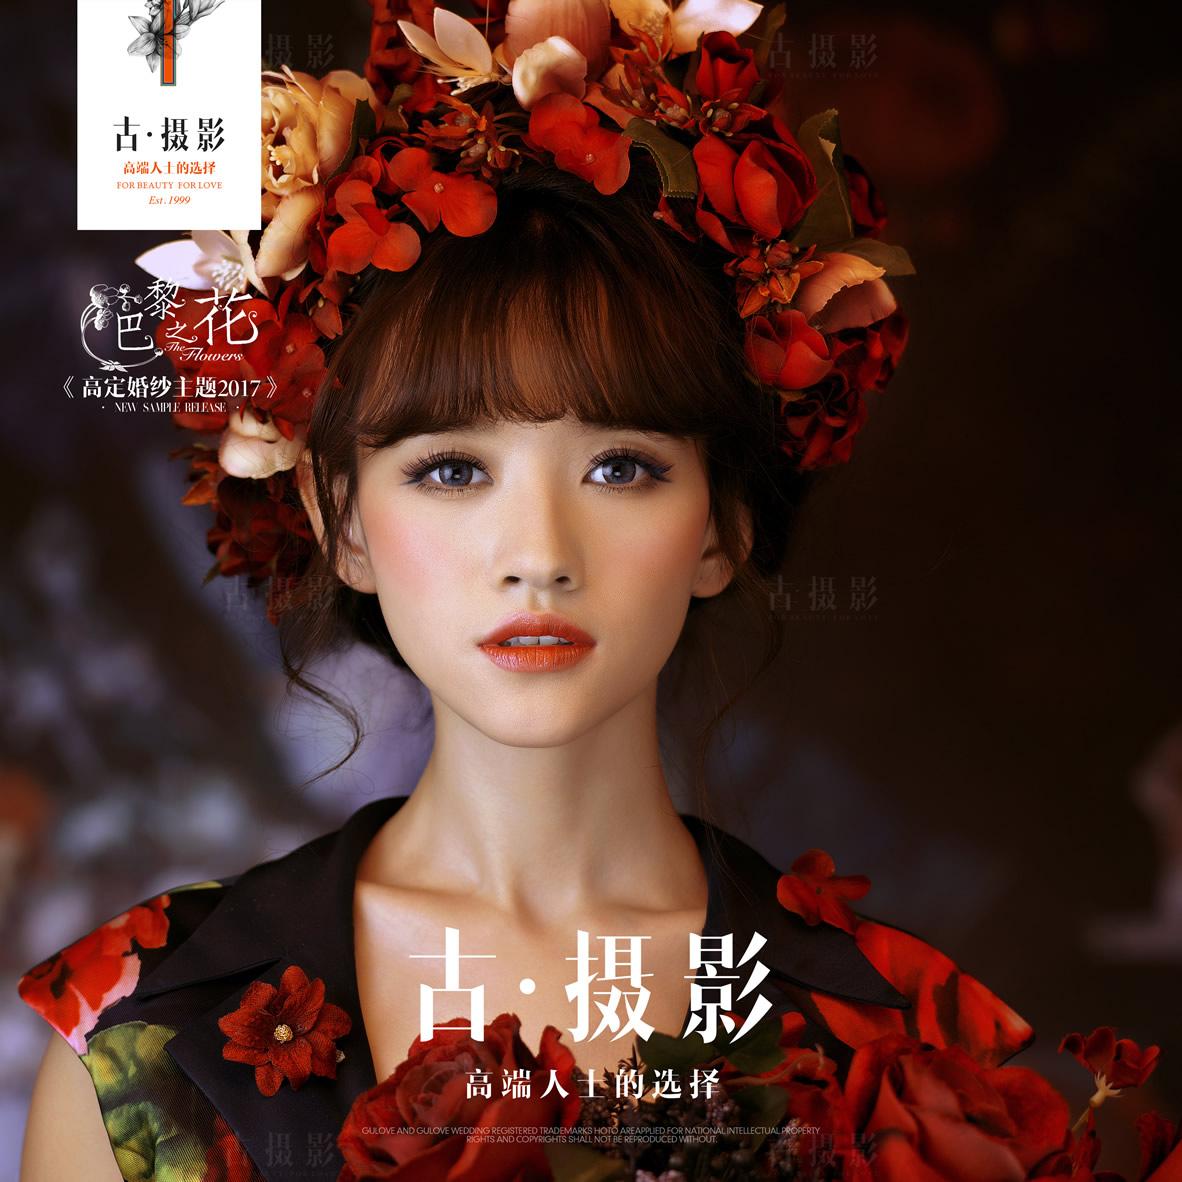 巴黎之花 - 明星范 - 古摄影婚纱艺术-古摄影成都婚纱摄影艺术摄影网